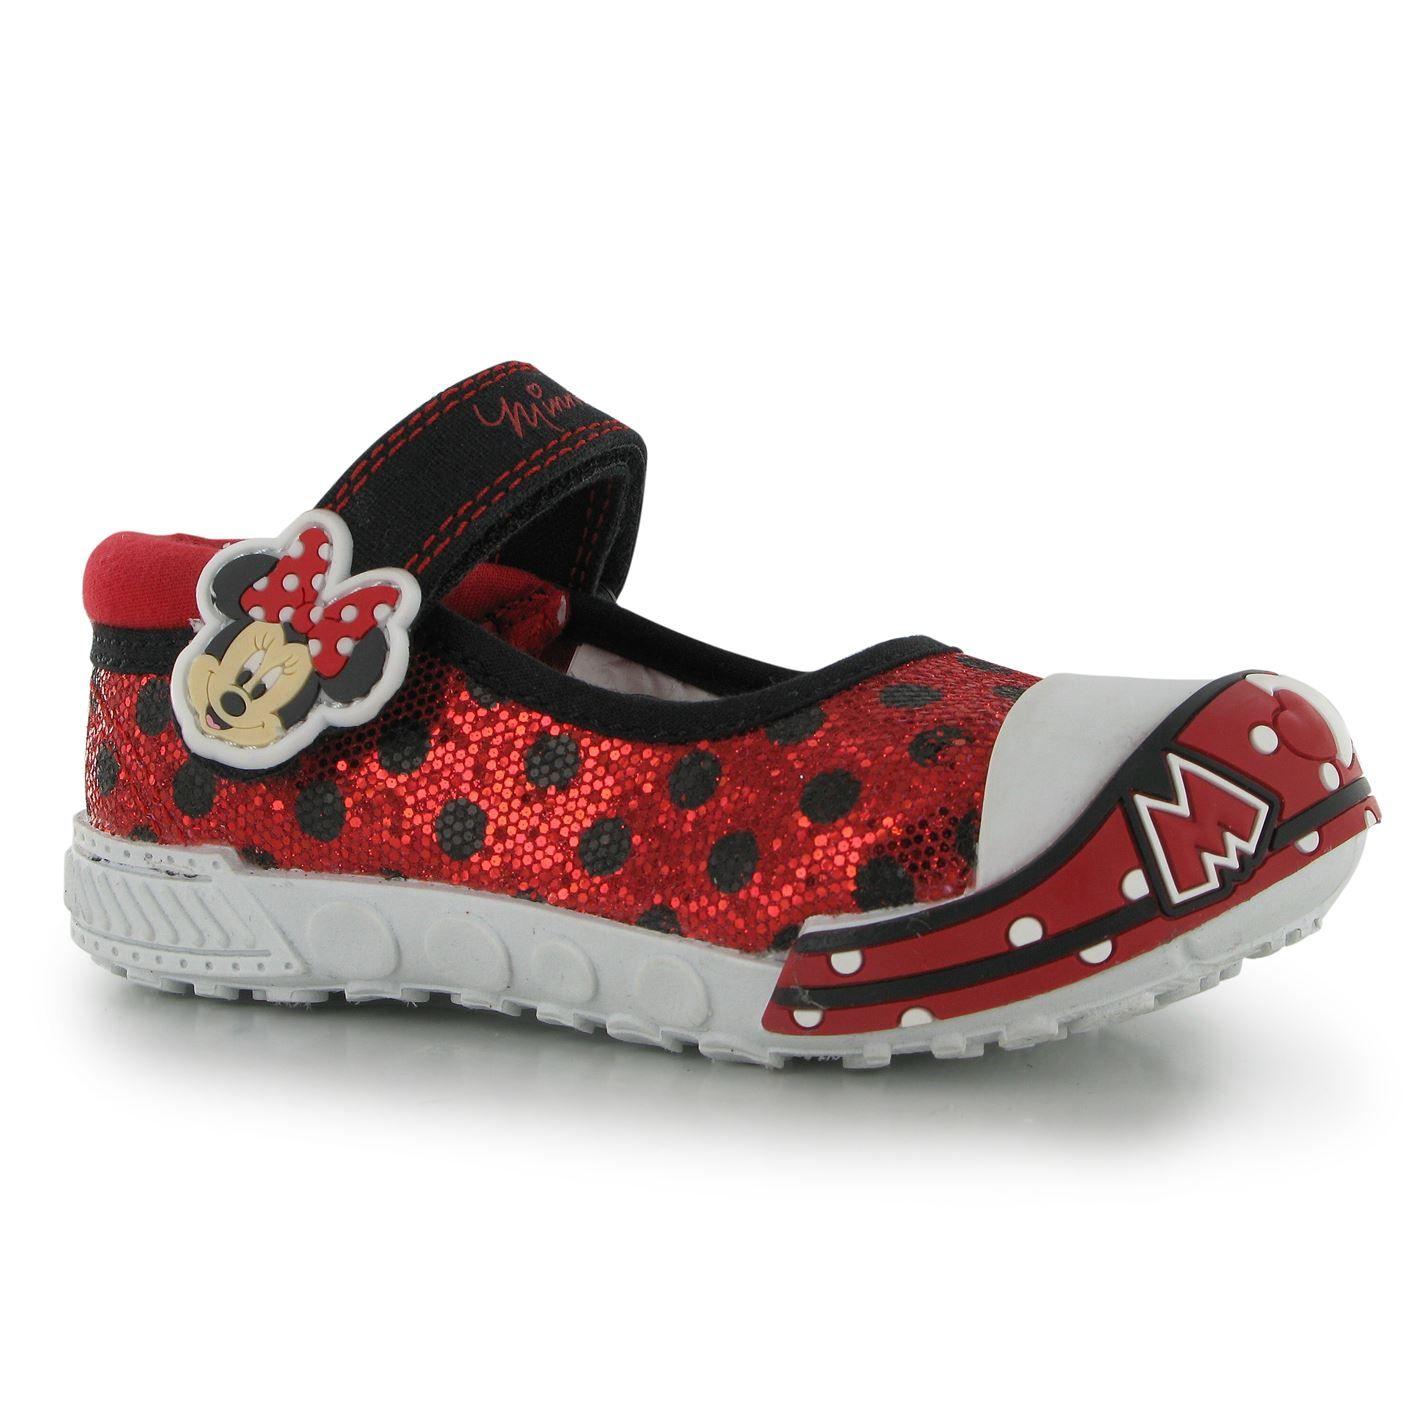 Disney Disney Canvas Shoes Girls Kids Canvas Shoes